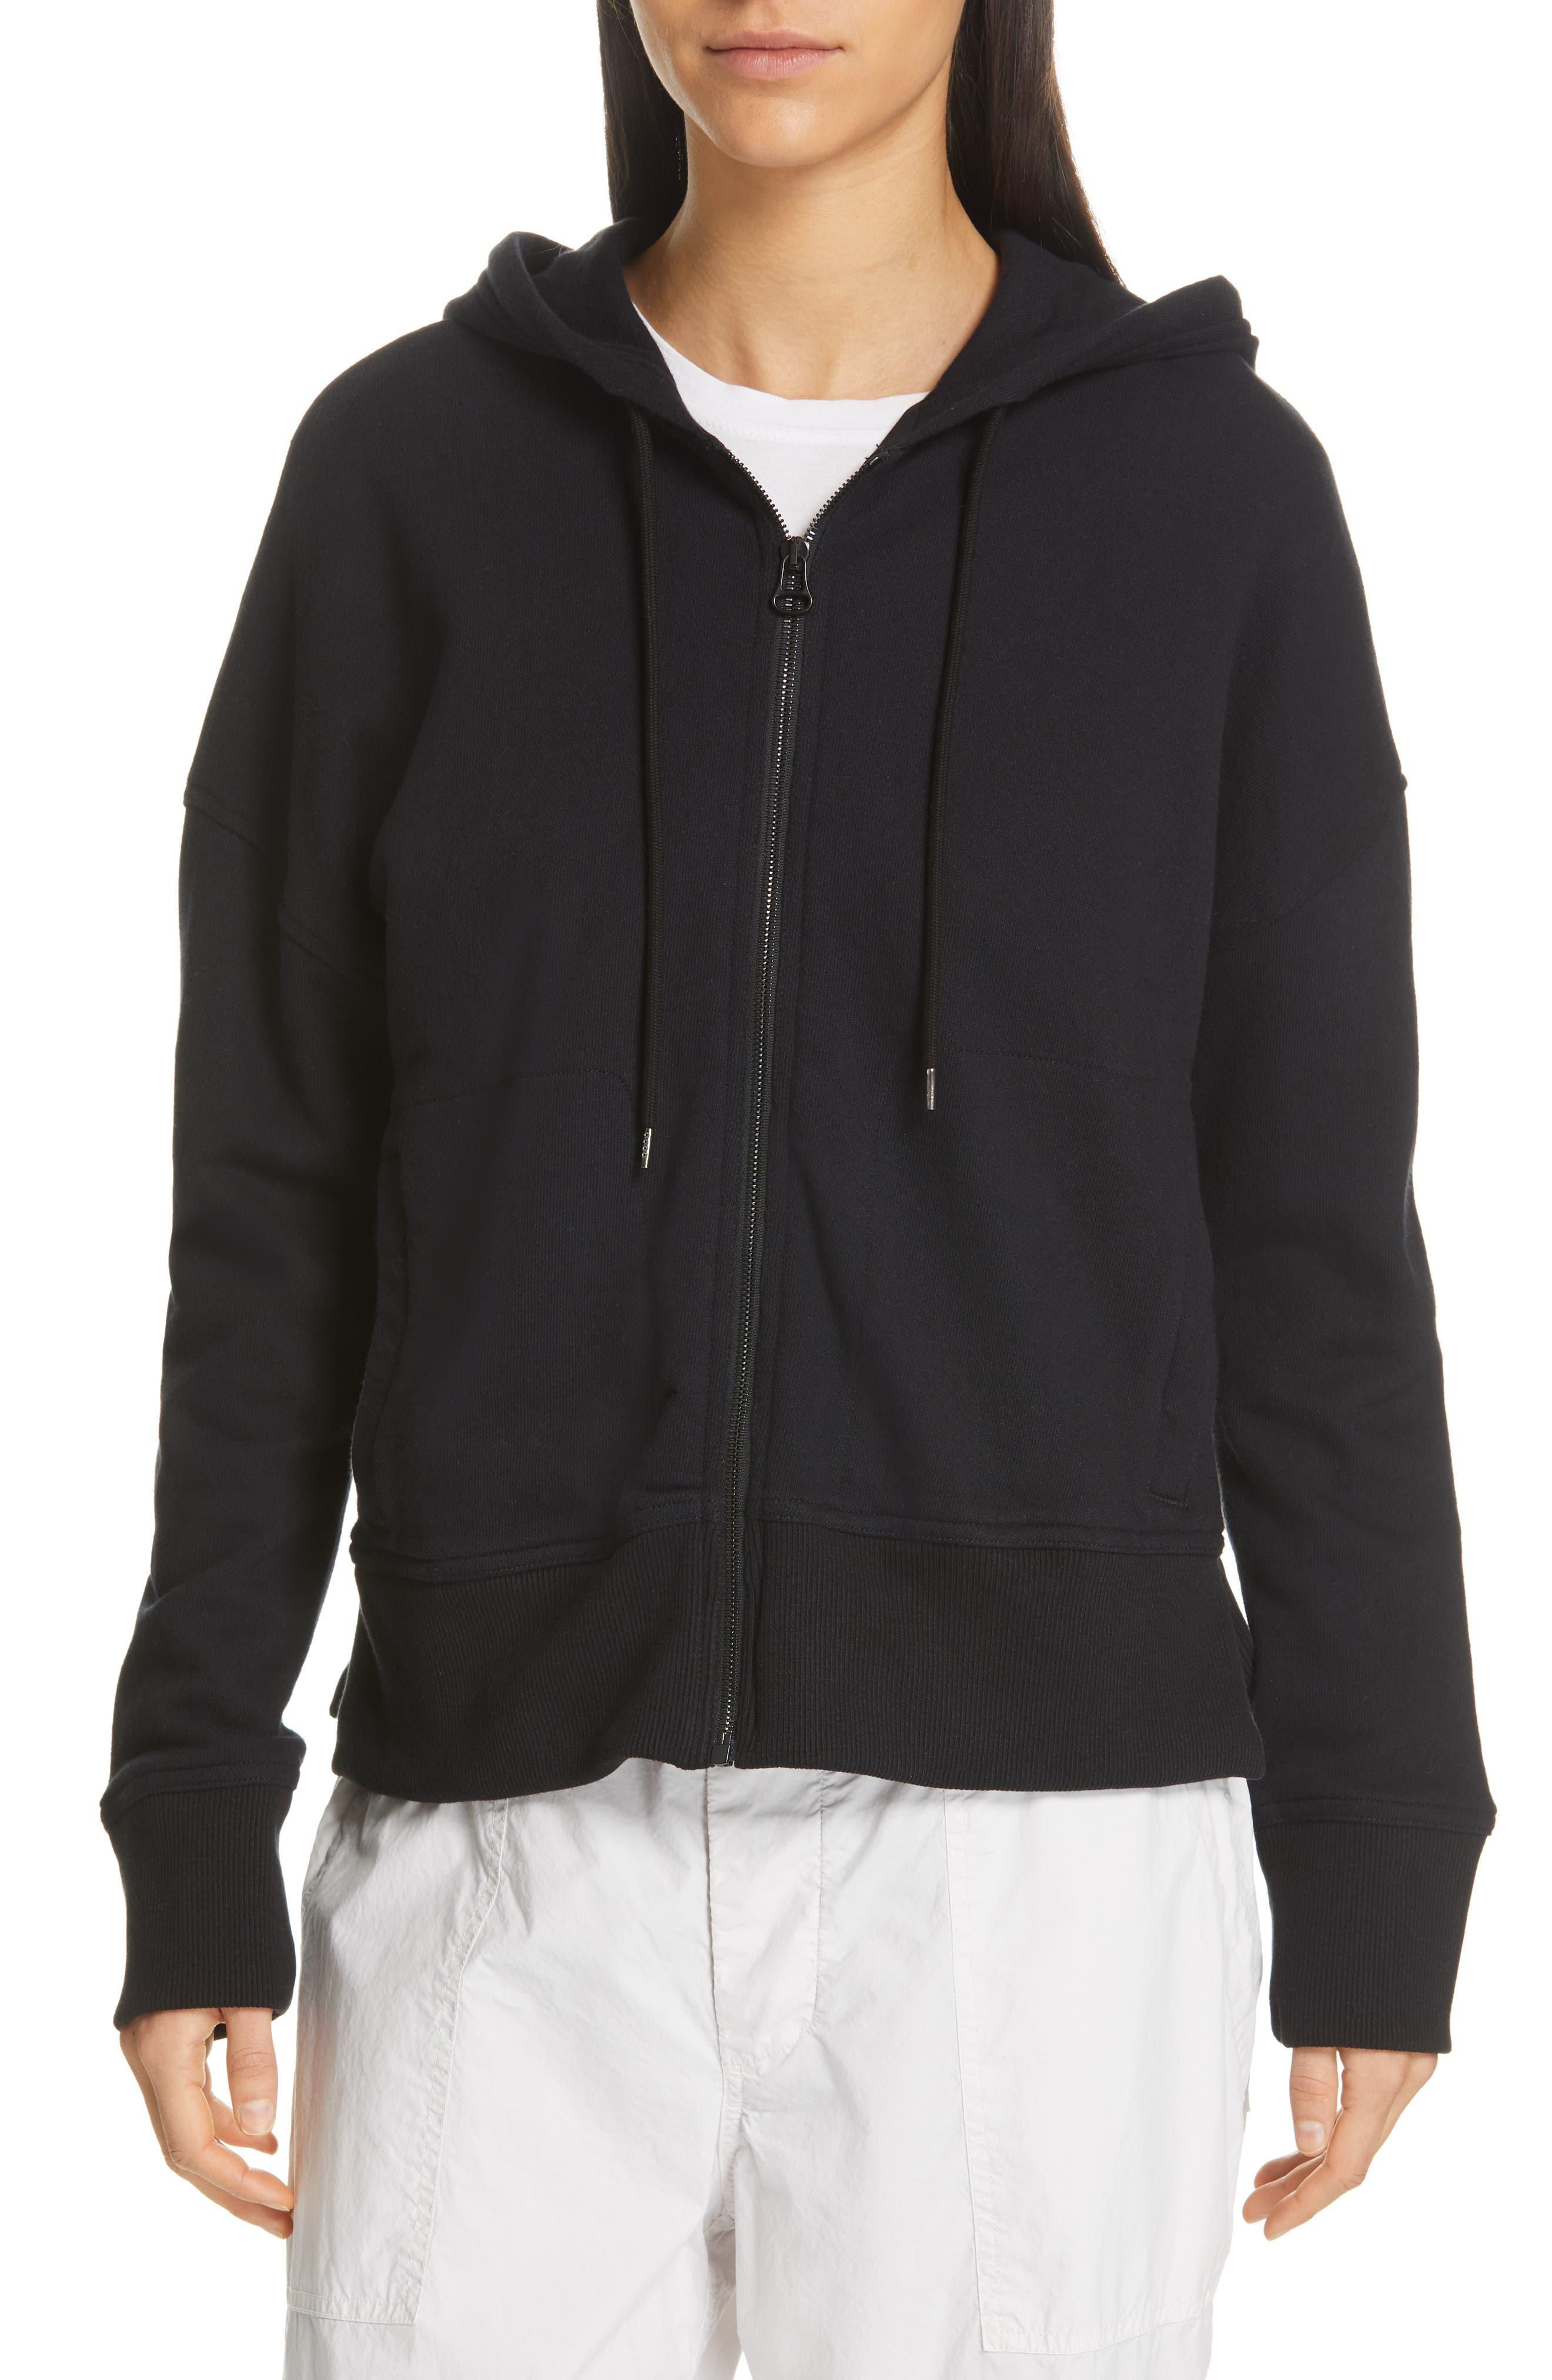 JAMES PERSE Side Zip Hoodie, Main, color, BLACK